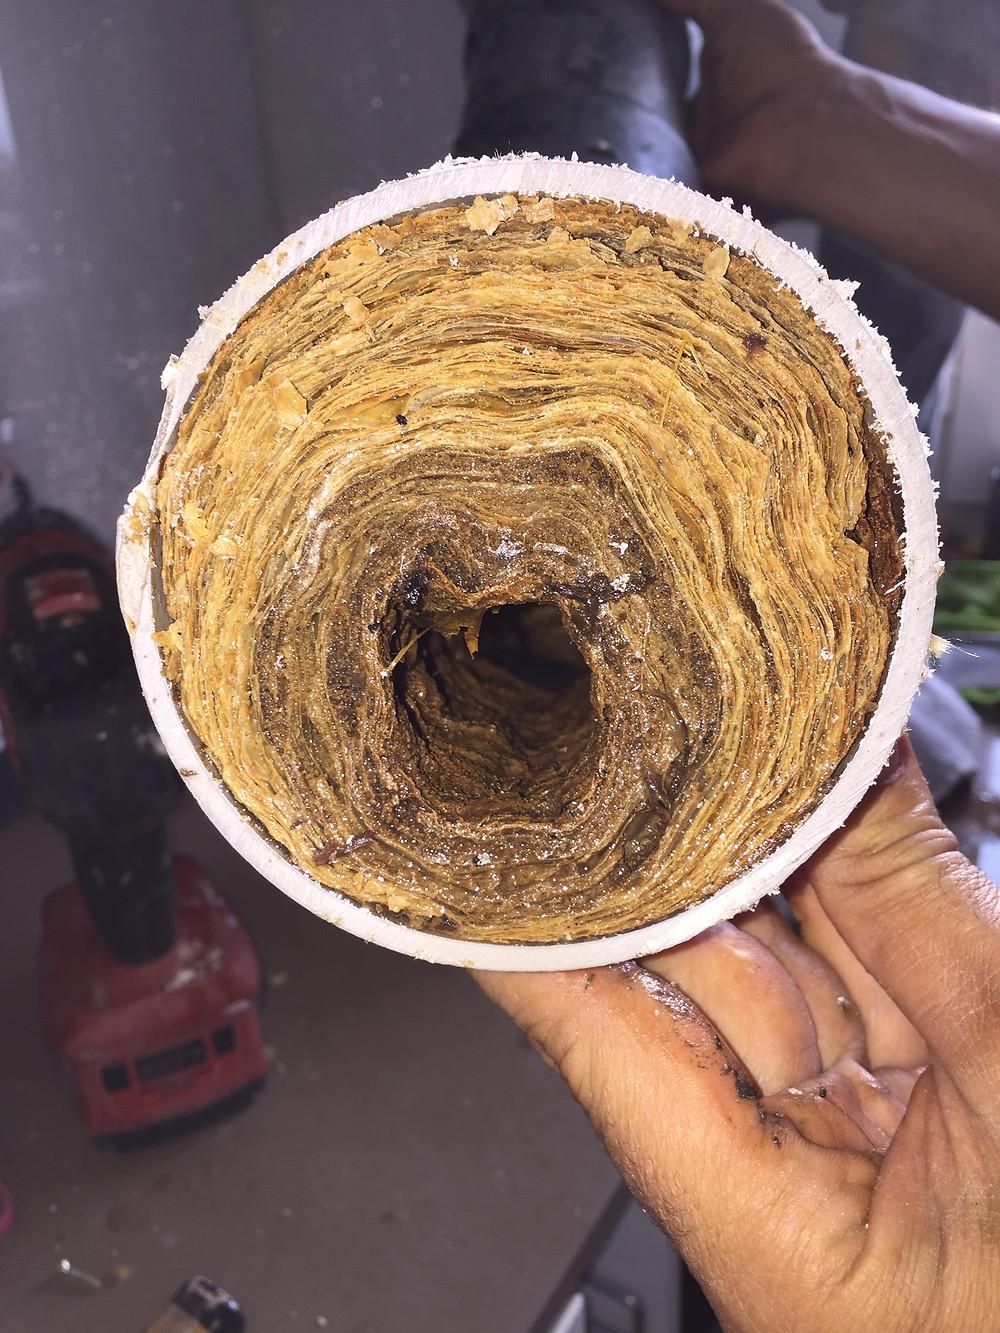 Canalisation bouchée par des résidus minéraux